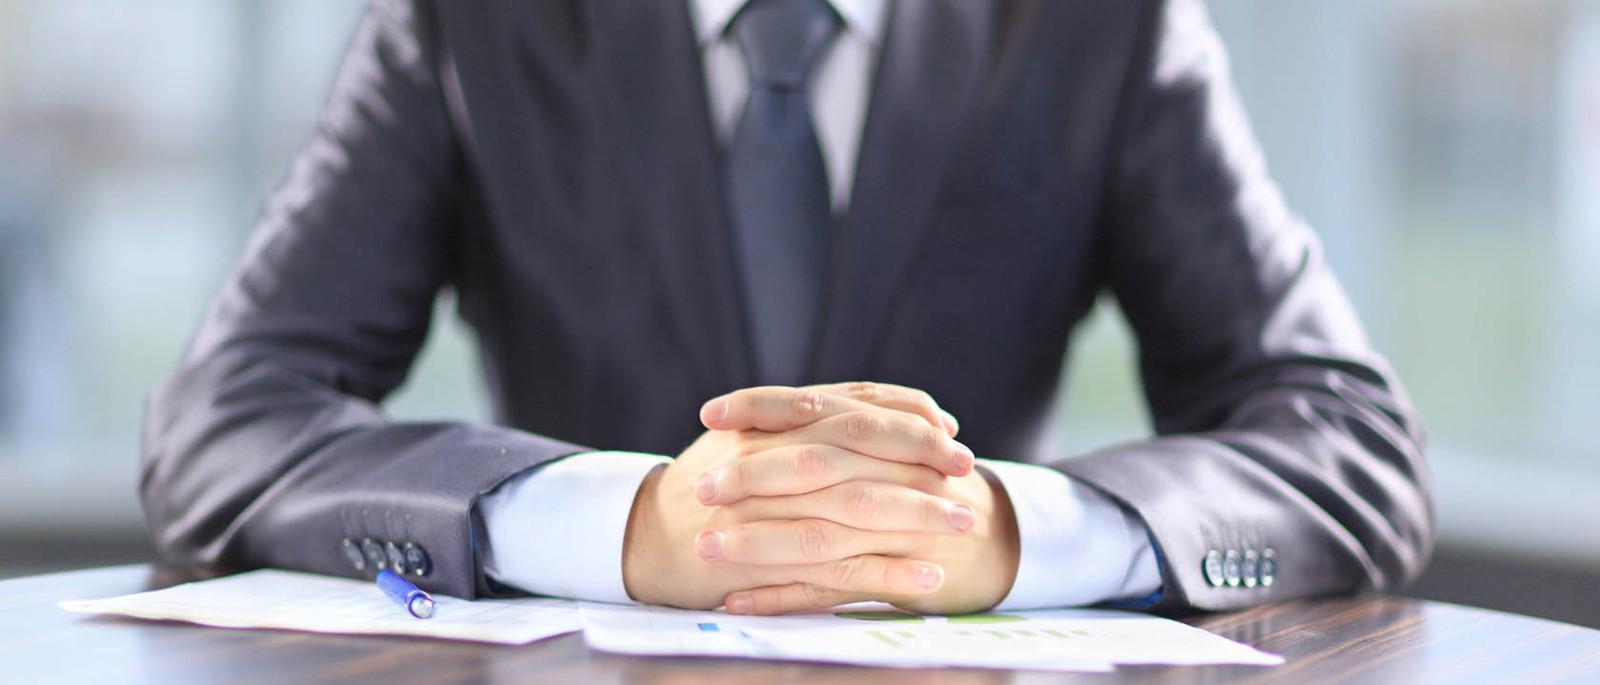 Как бизнесу решить юридические вопросы, связанные с карантином?